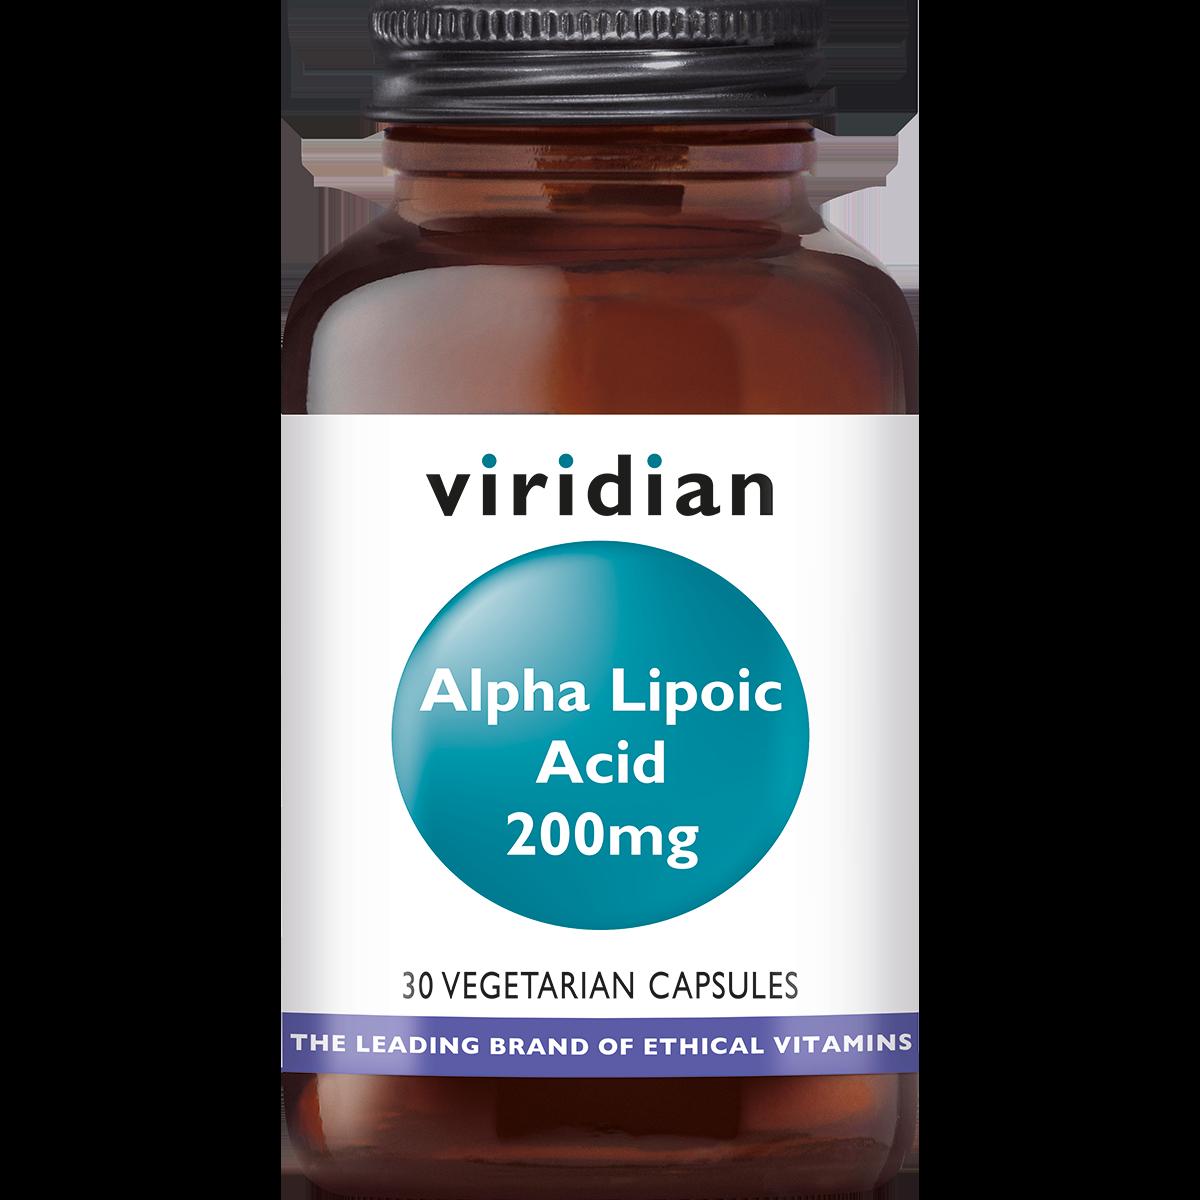 Alpha Lipoic Acid 200 mg, Viridian, Alfa liponzuur is een krachtige, zwavelhoudende antioxidant die tevens in staat is andere antioxidanten te doen hergebruiken.